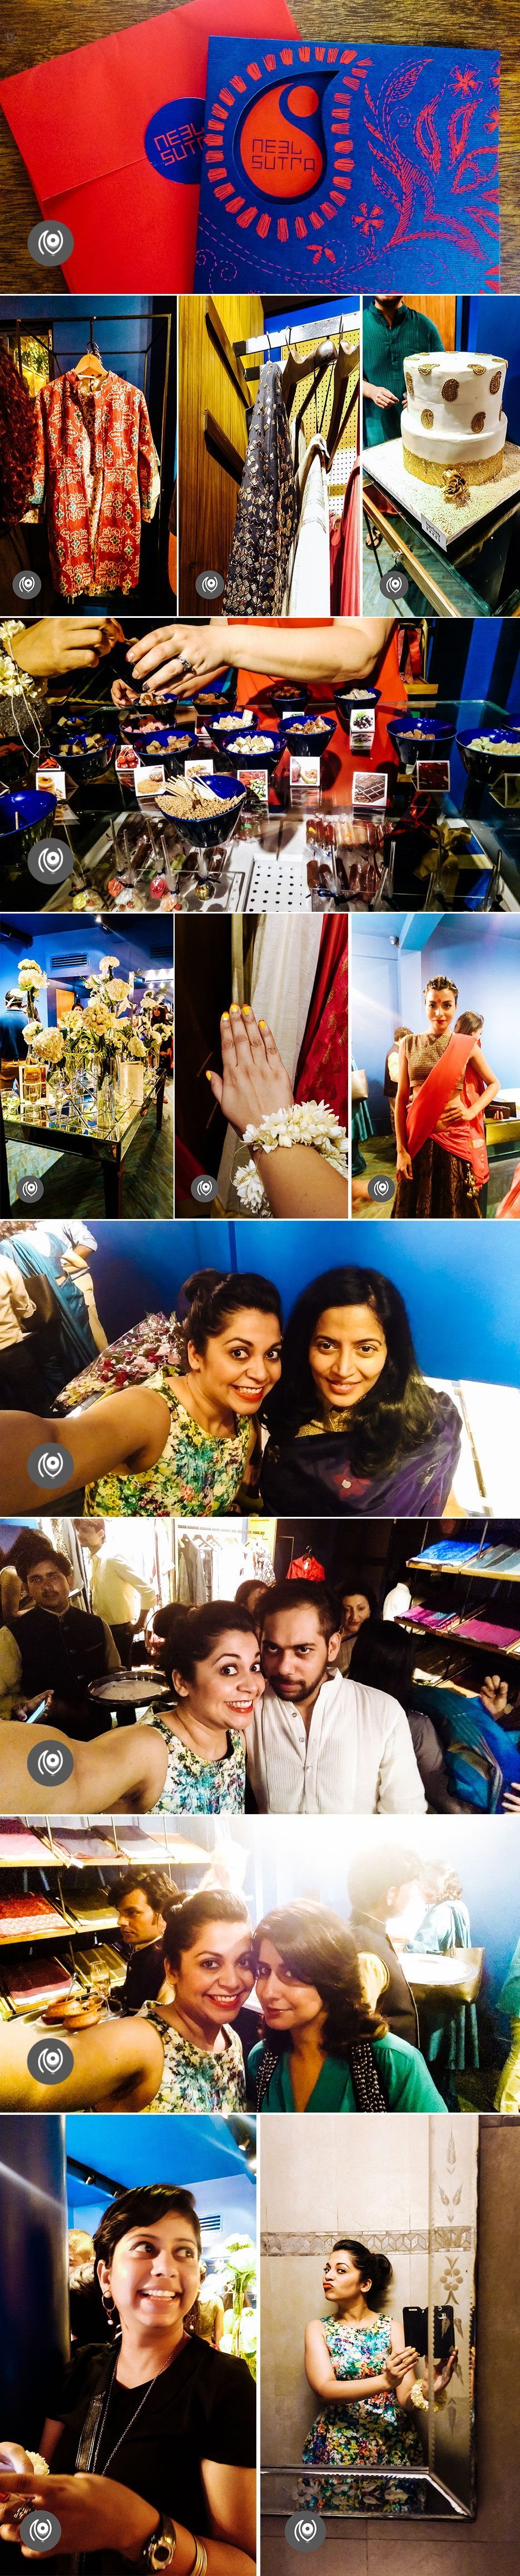 Naina.co-Photographer-Raconteuse-Storyteller-Luxury-Lifestyle-WahtsUpNaina-September-2014-13